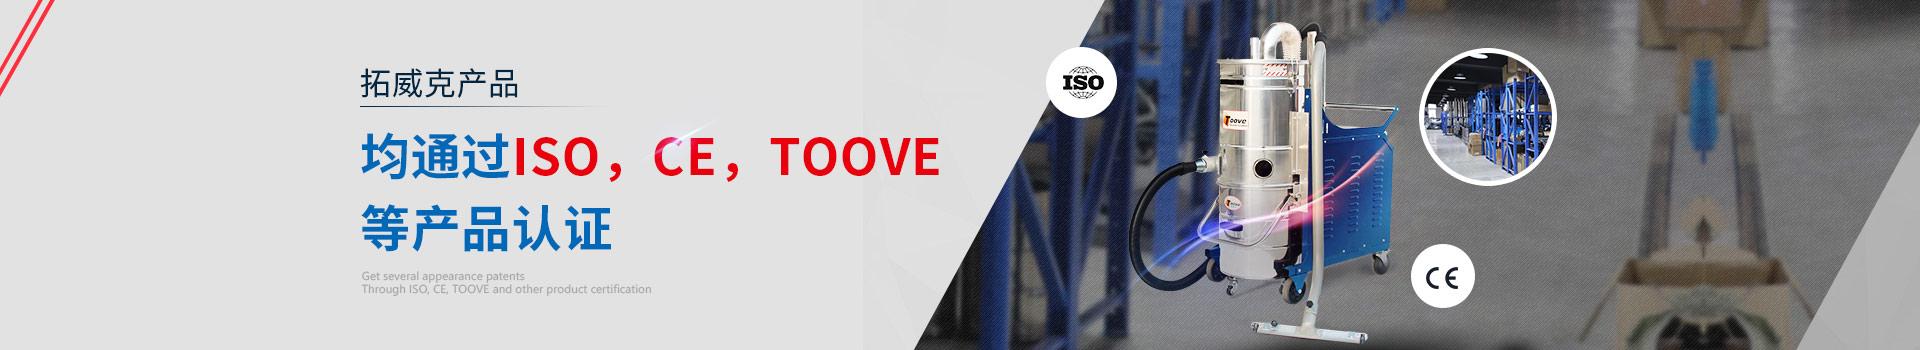 拓威克产品:均通过ISO CE TOOVE 等产品认证